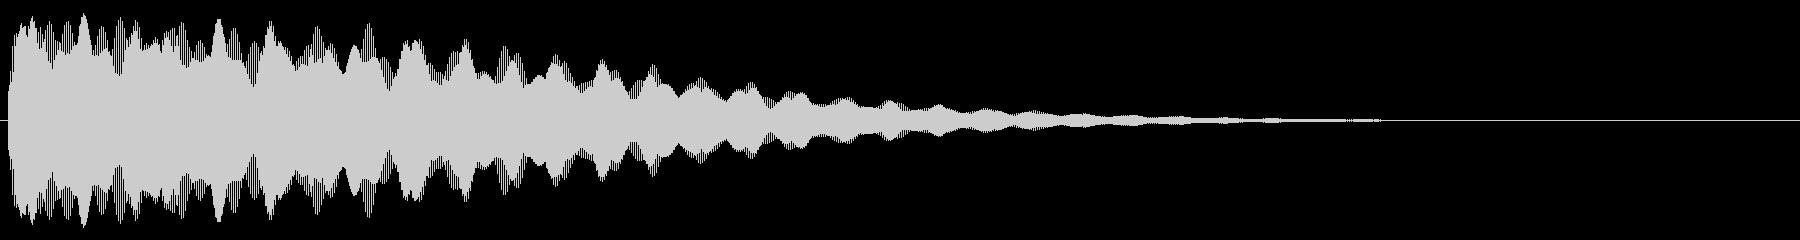 ごーん/お寺の鐘/和風/大晦日の未再生の波形